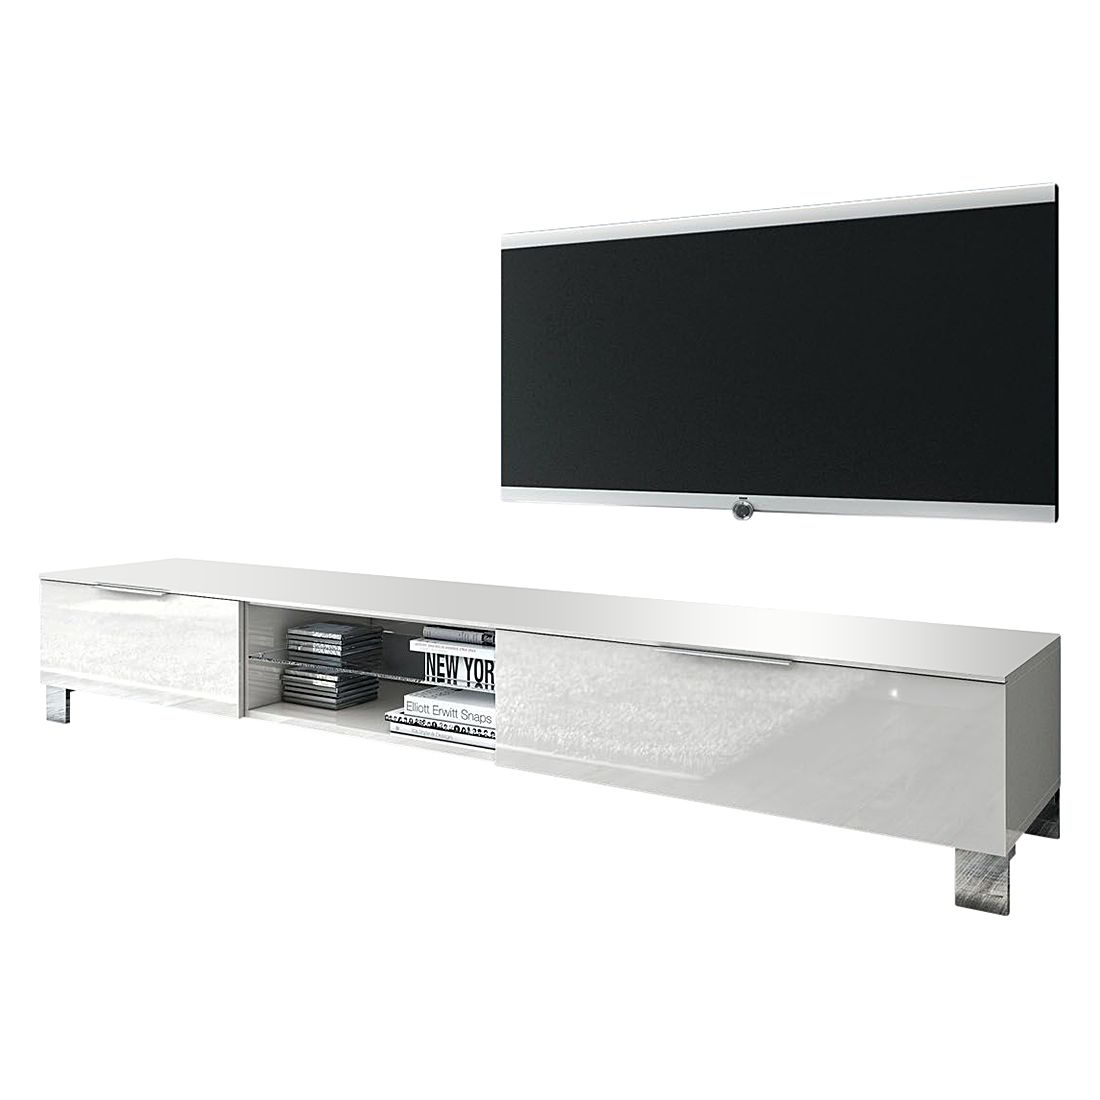 lowboard 180 cm preisvergleiche erfahrungsberichte und kauf bei nextag. Black Bedroom Furniture Sets. Home Design Ideas